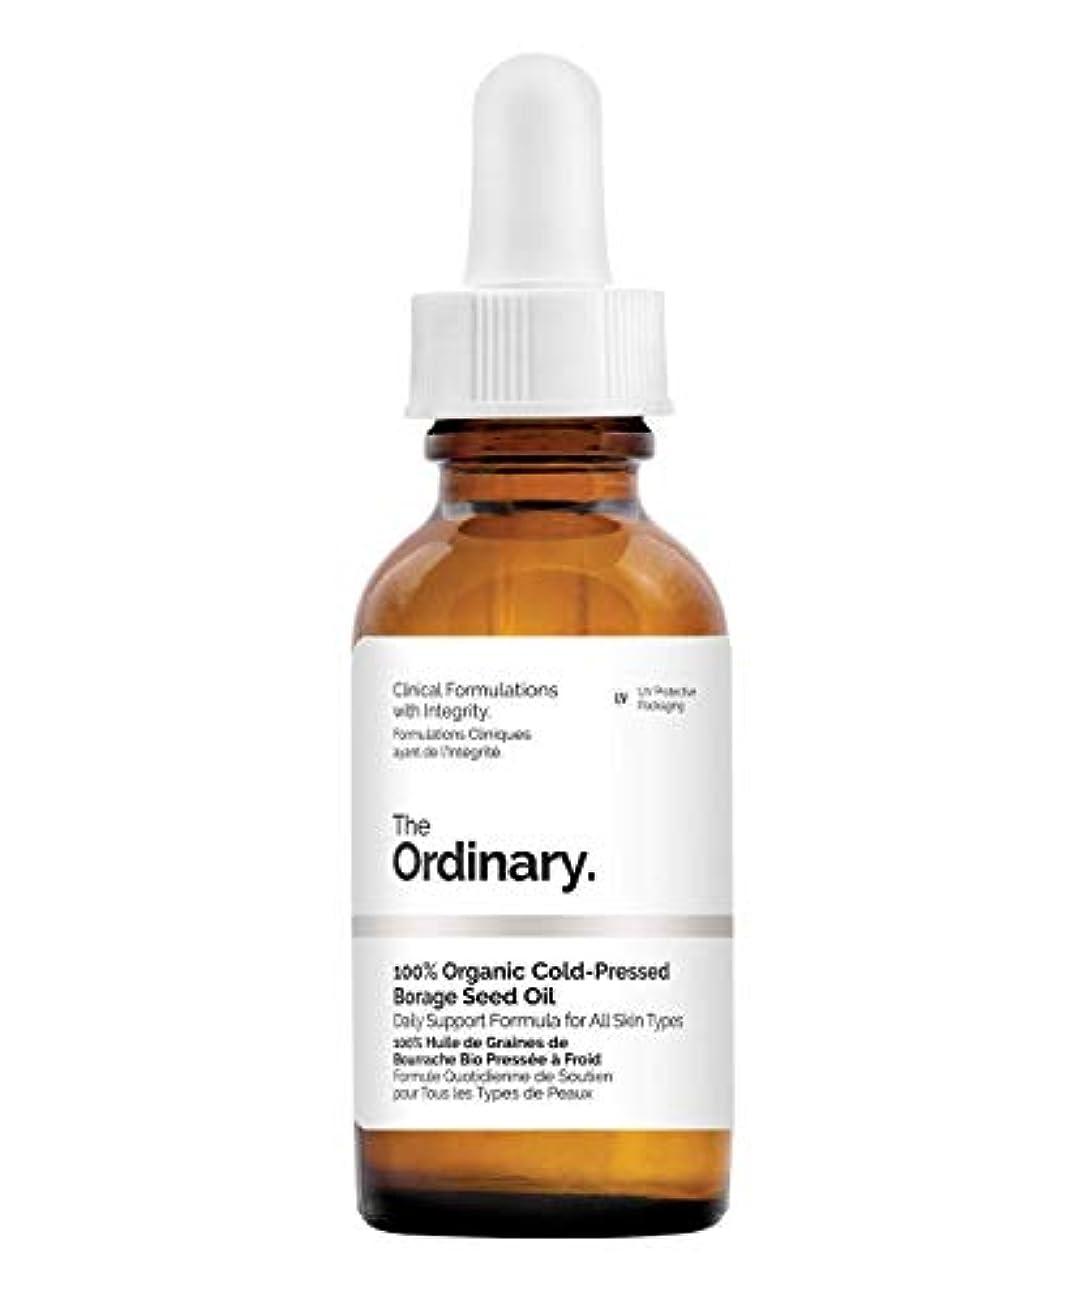 発疹いつ火山The Ordinary 100% Organic Cold-Pressed Borage Seed Oil 30ml